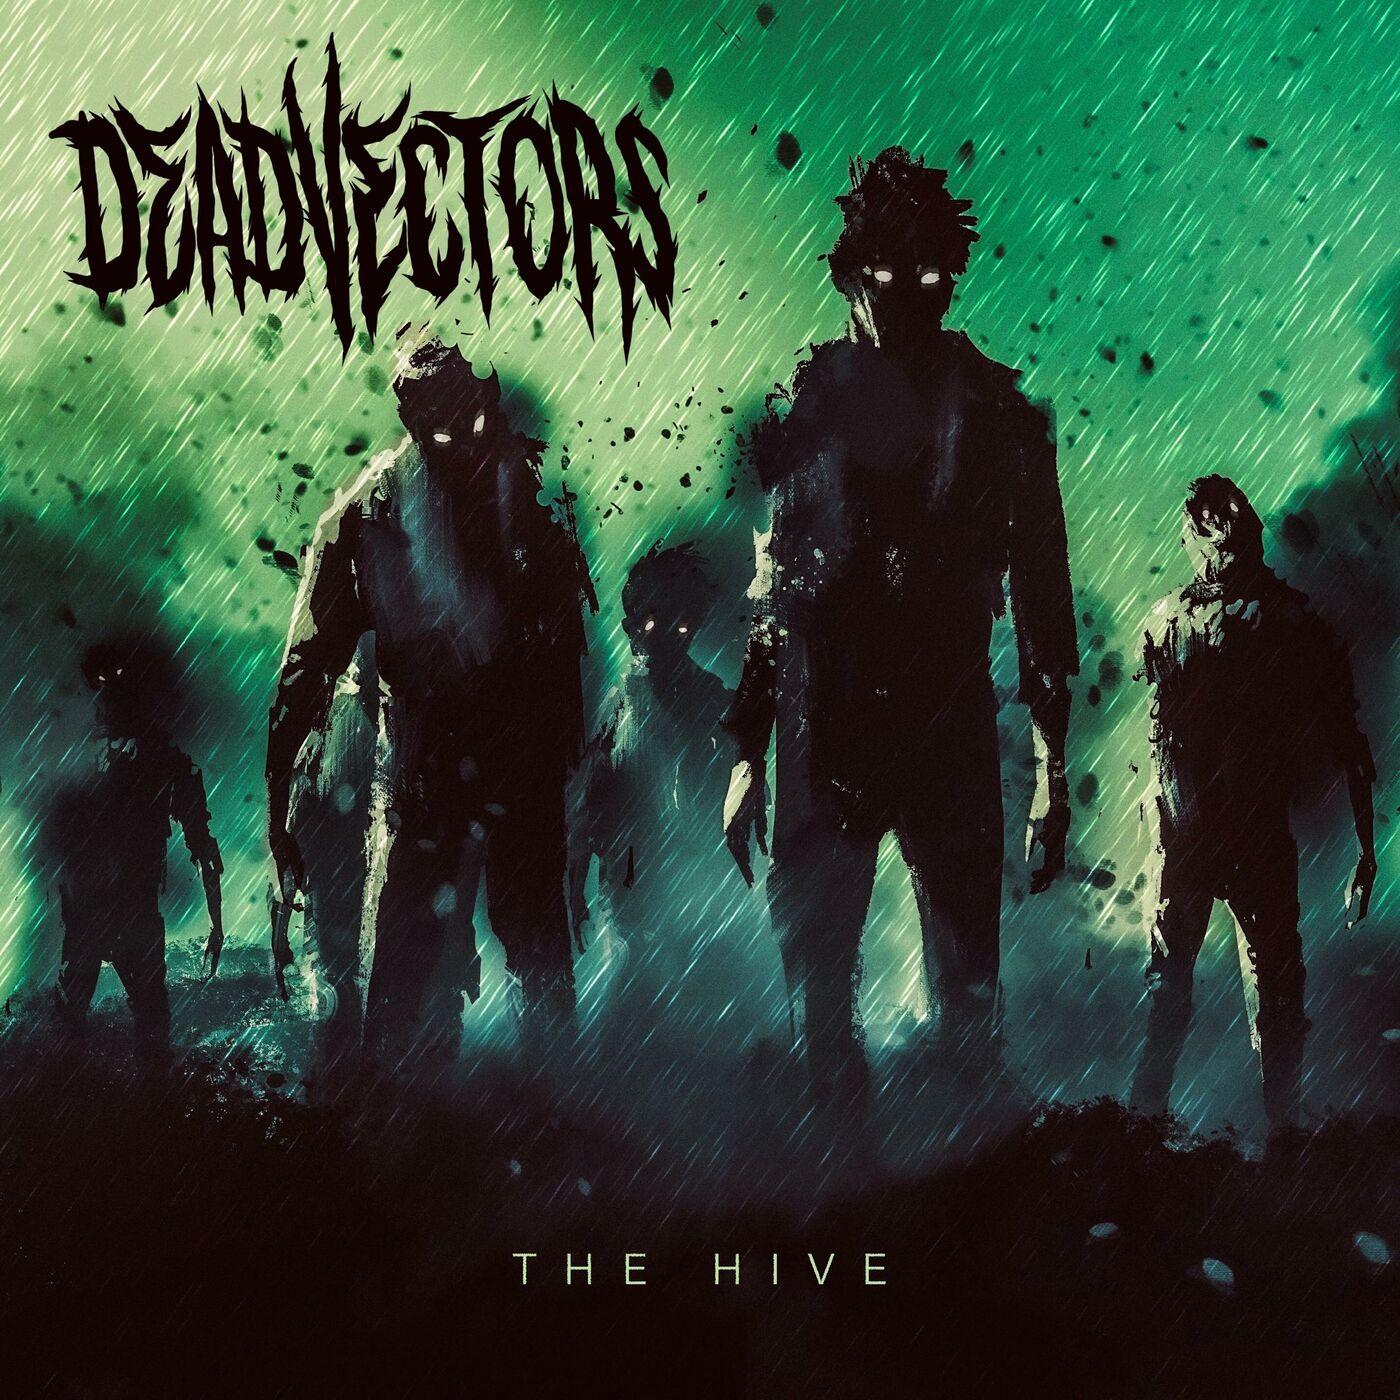 DeadVectors - The Hive [single] (2020)